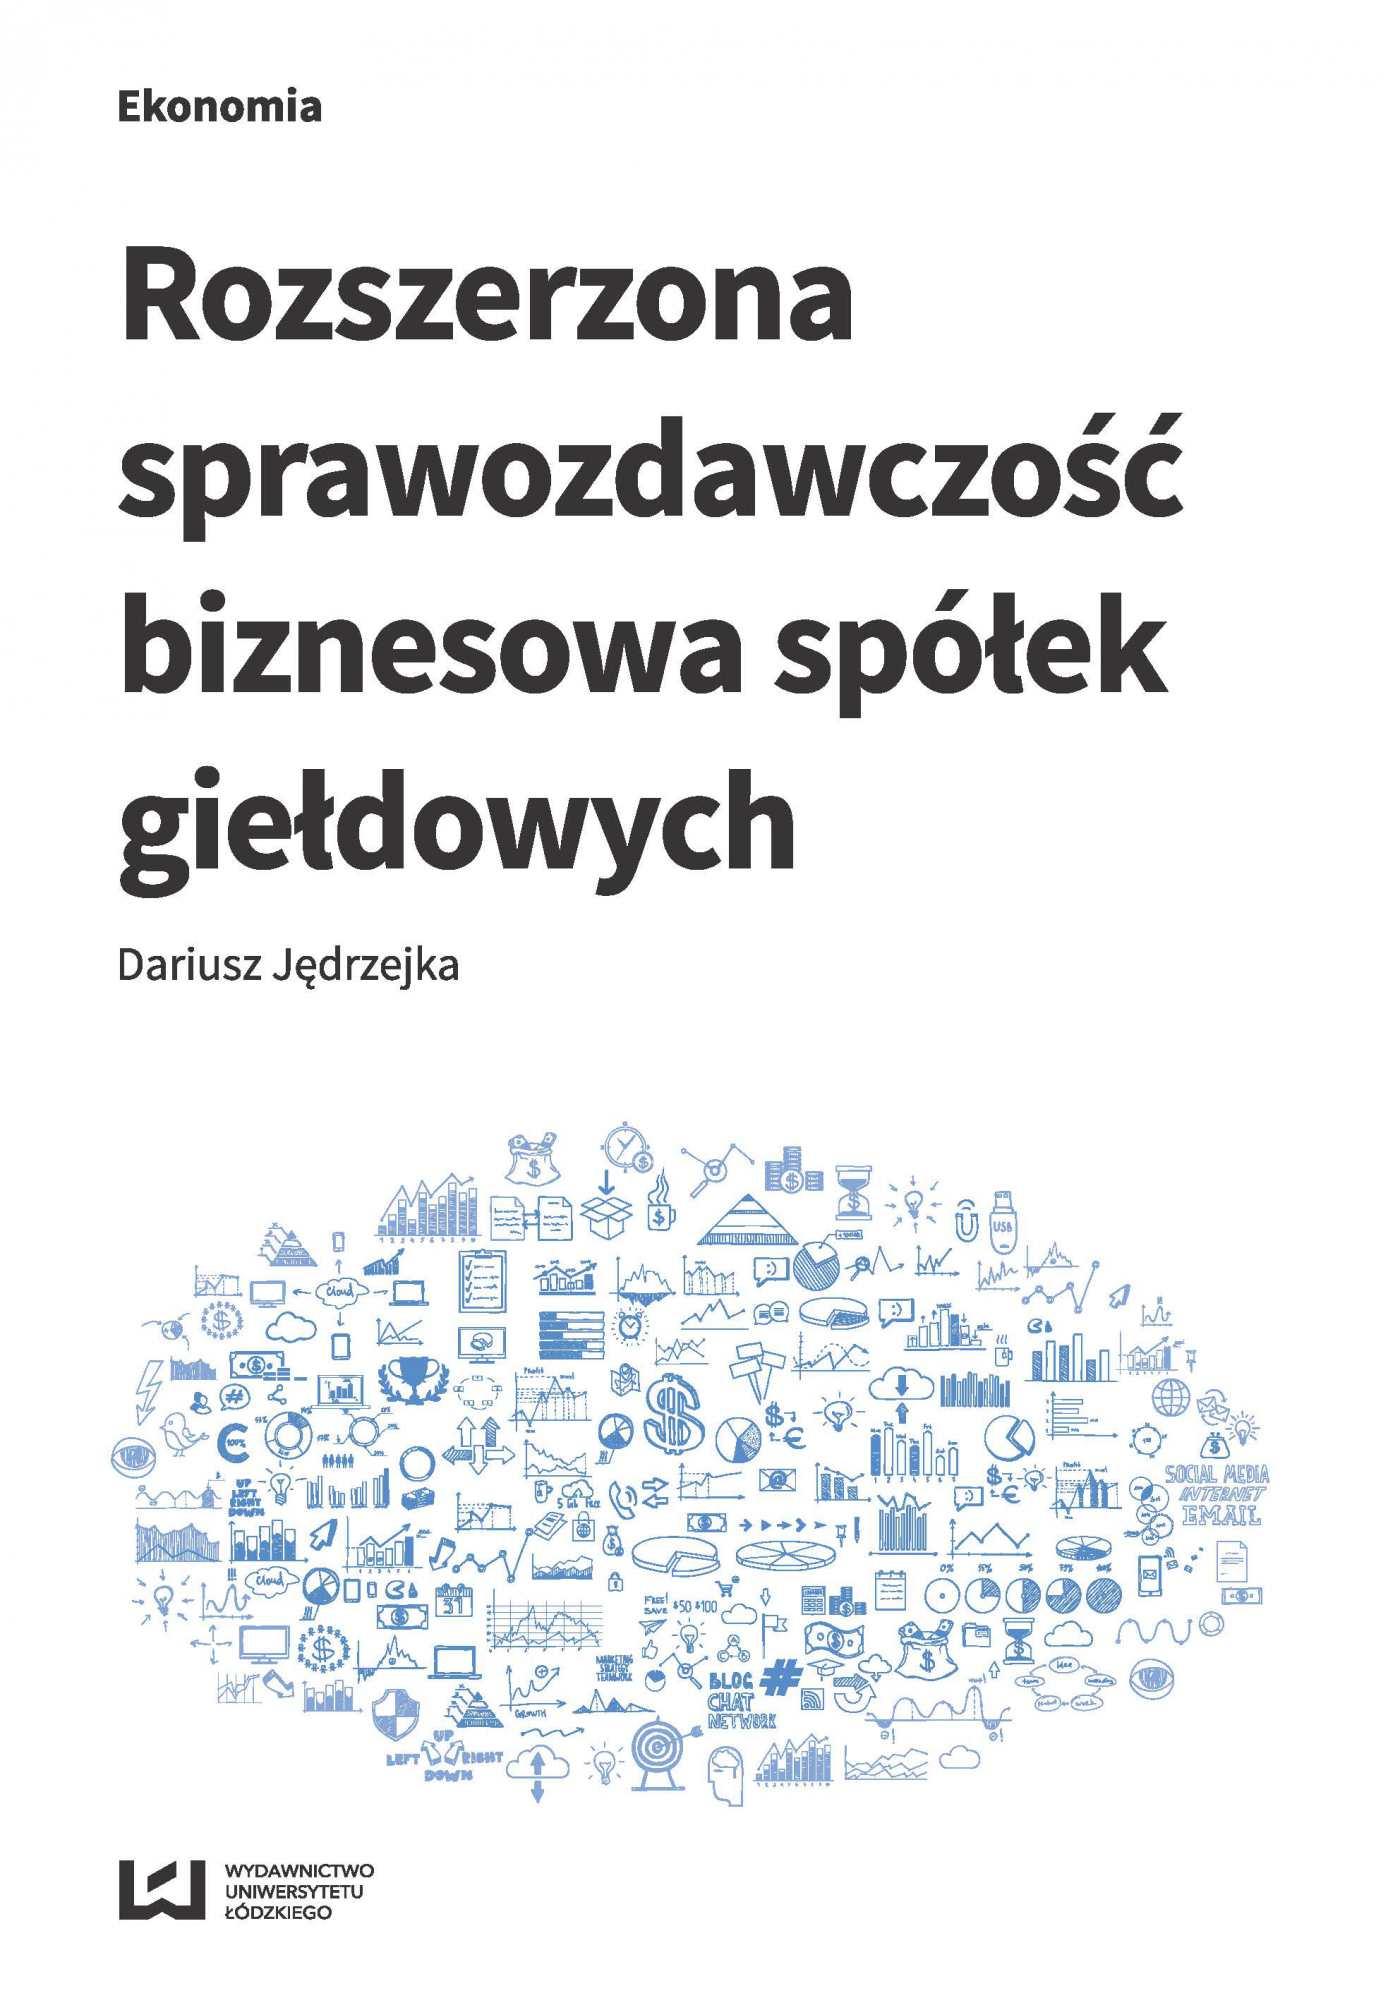 Rozszerzona sprawozdawczość biznesowa spółek giełdowych - Ebook (Książka PDF) do pobrania w formacie PDF